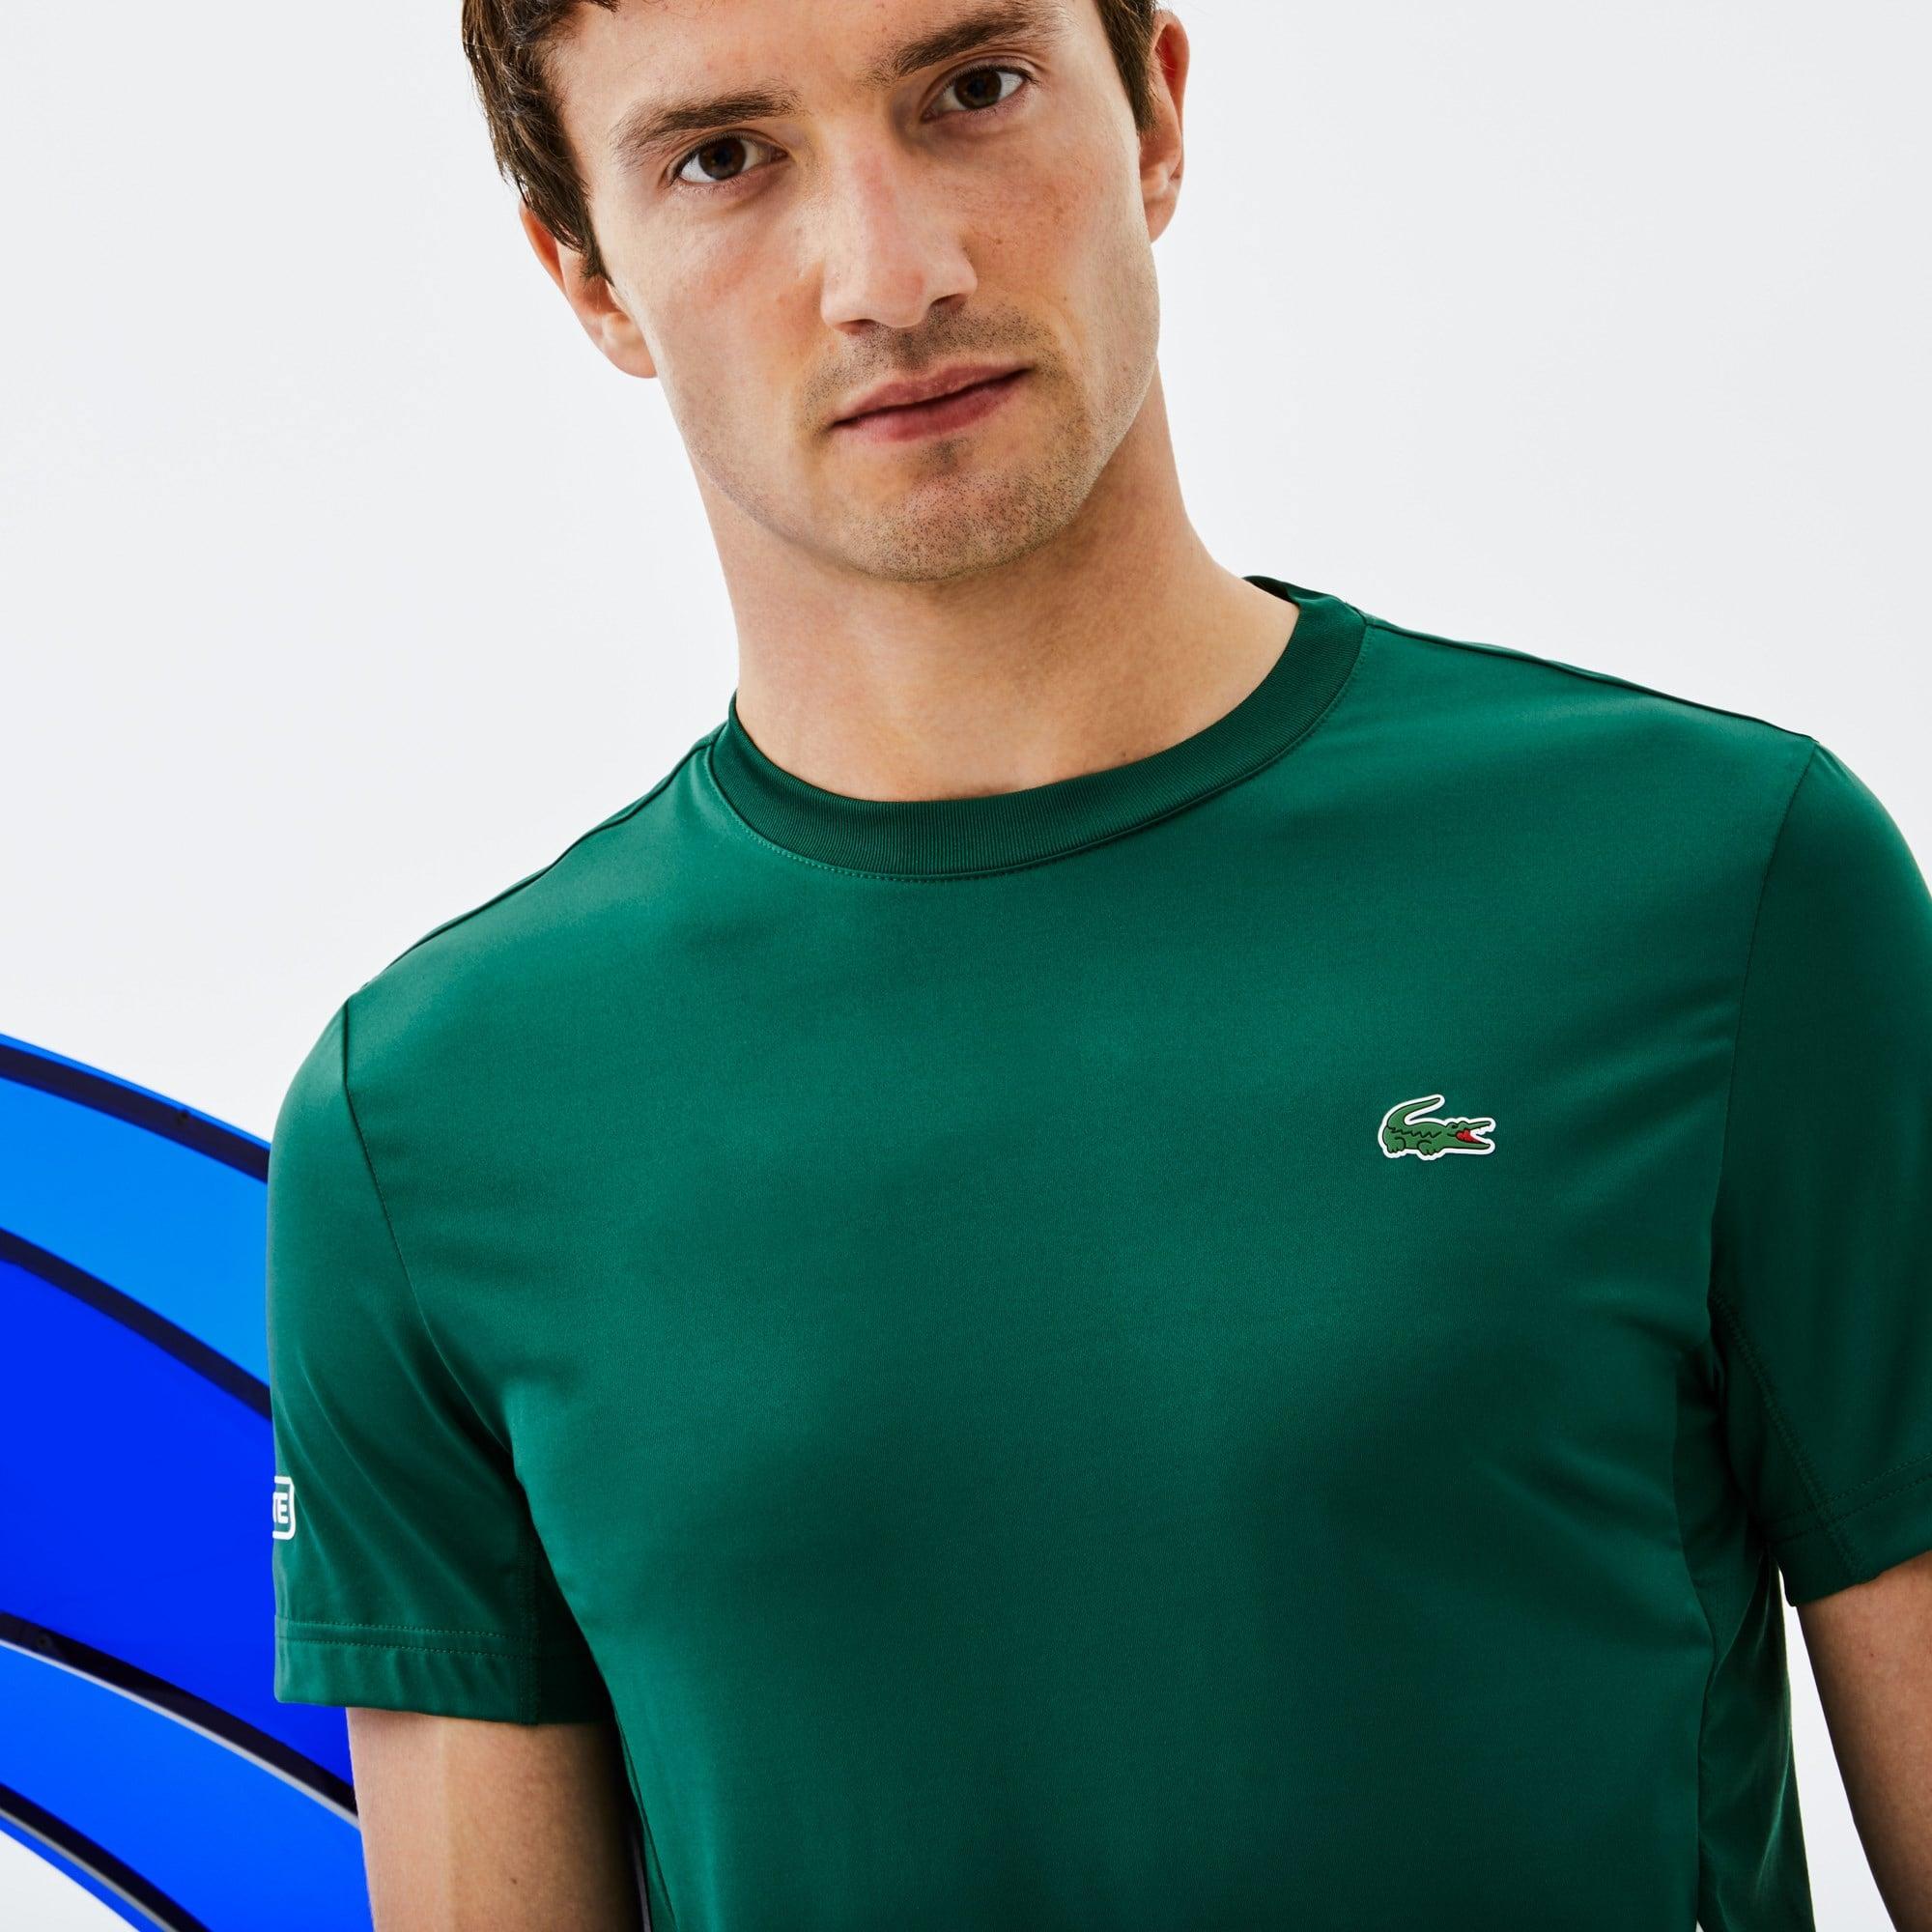 T-shirt de decote redondo Lacoste SPORT coleção Novak Djokovic - Off Court em jersey técnico stretch